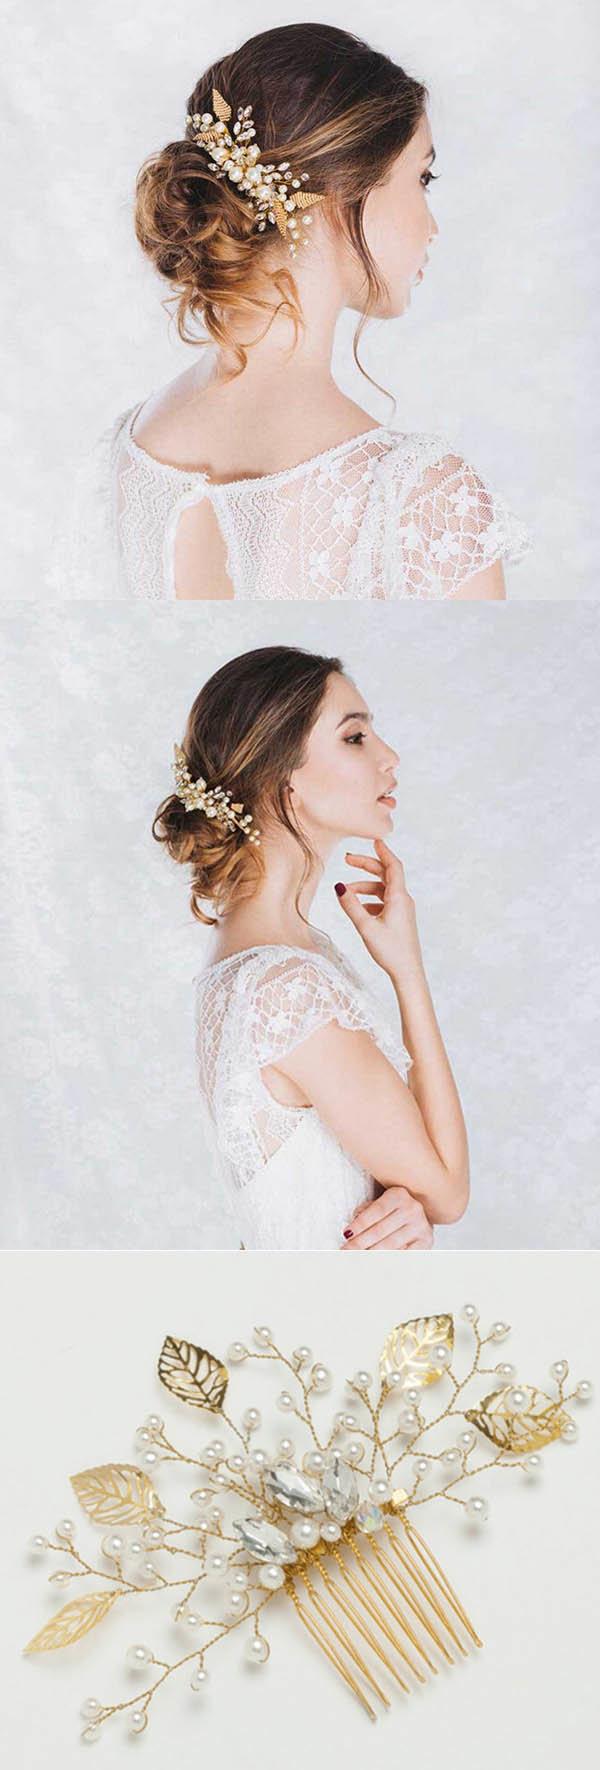 Свадебные прически, 280 фото красивых свадебных причесок 83